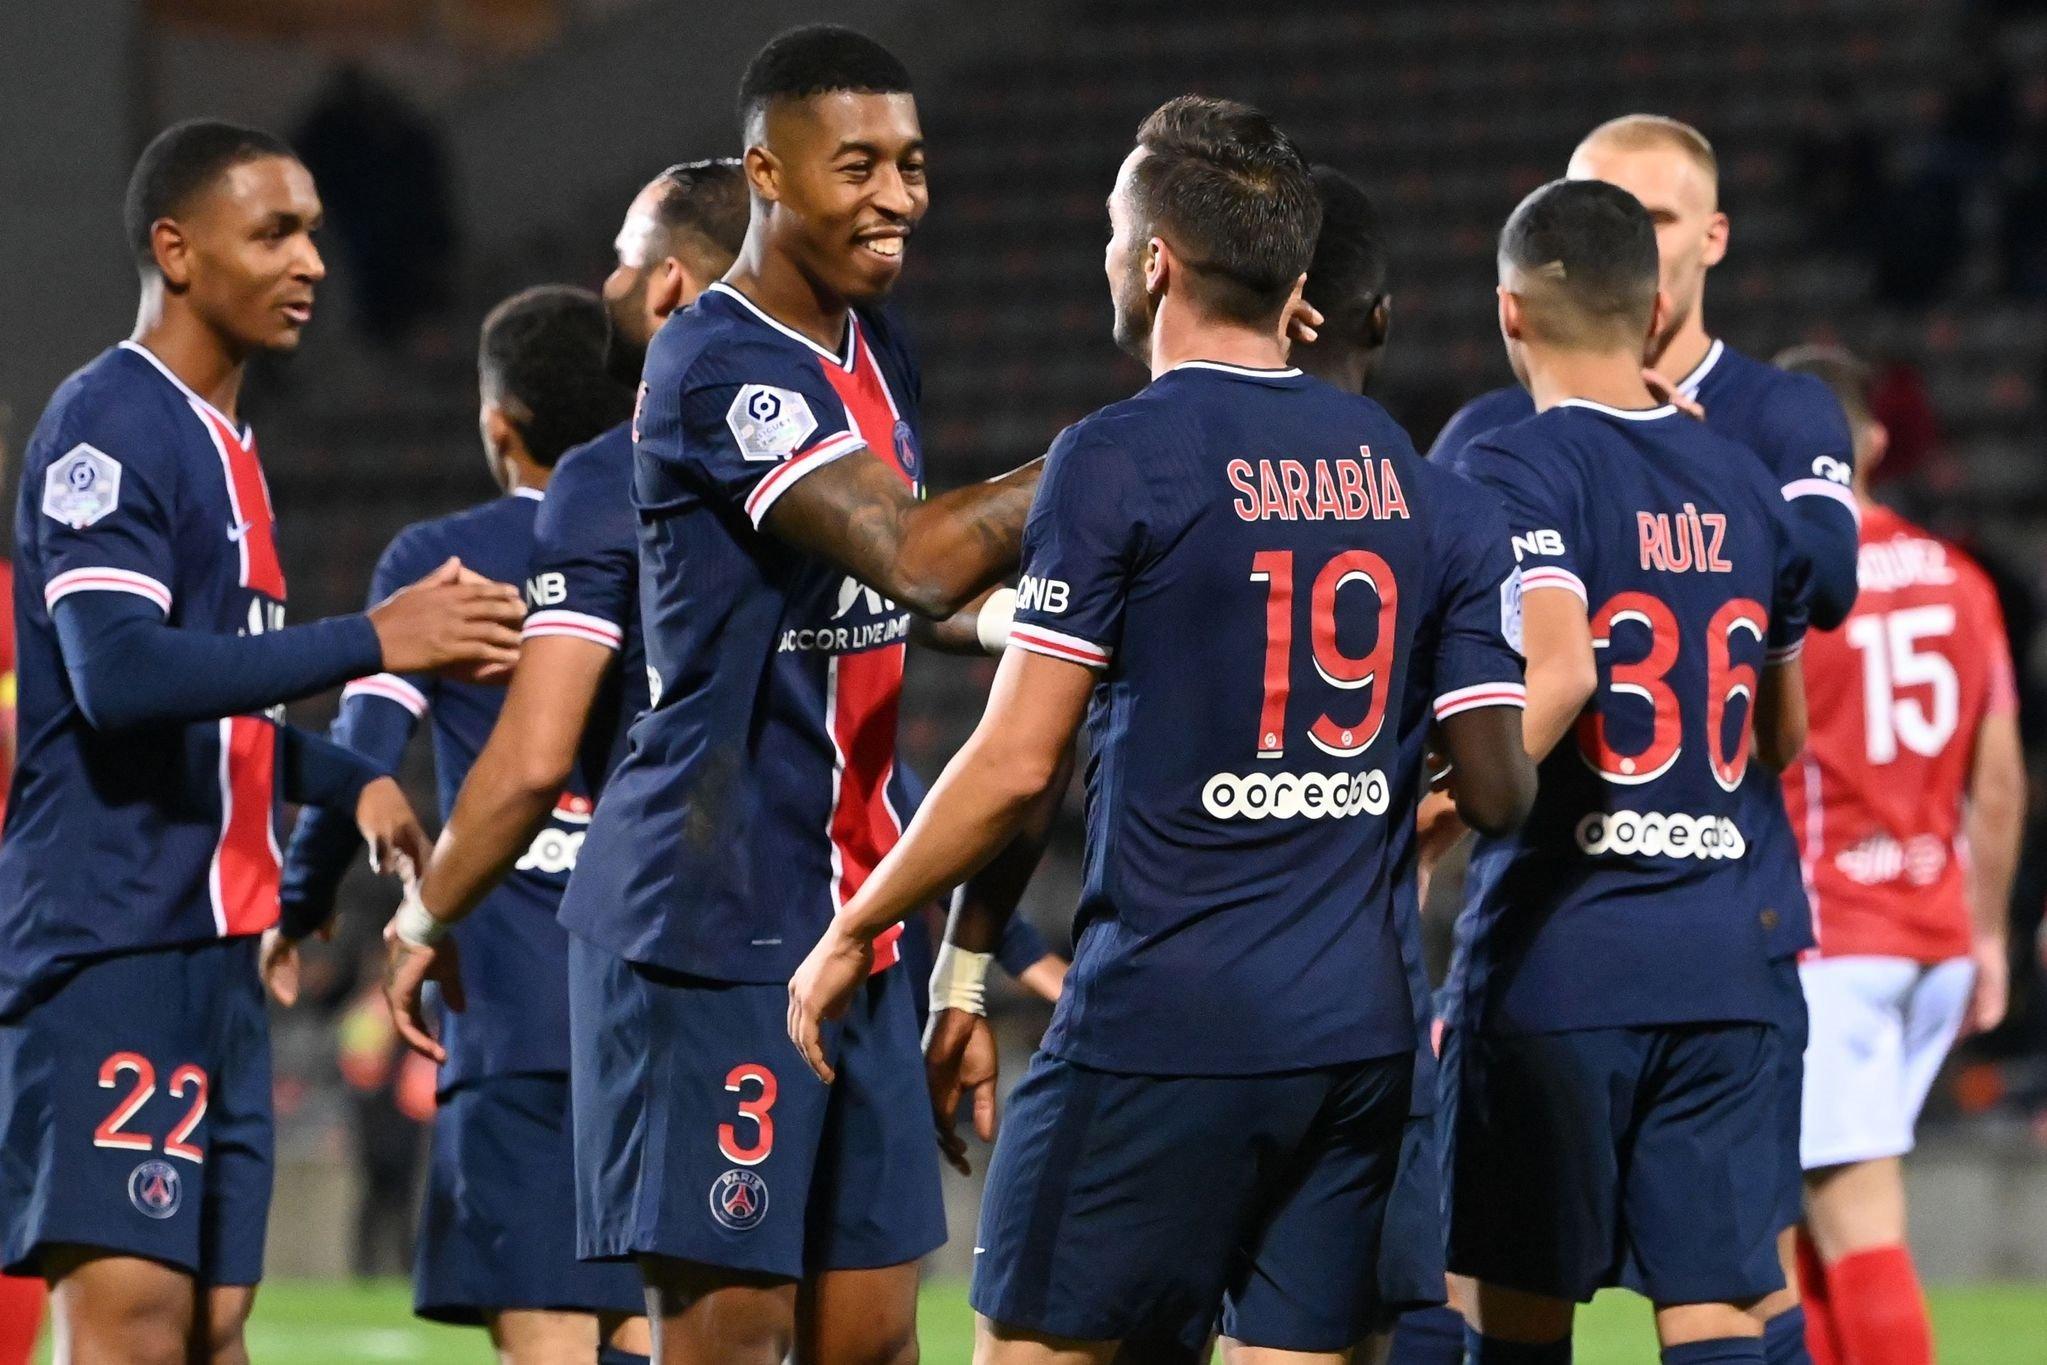 Ligue 1: Nimes 0-4 Paris Saint-Germain PSG | MAÇ SONUCU - Aspor